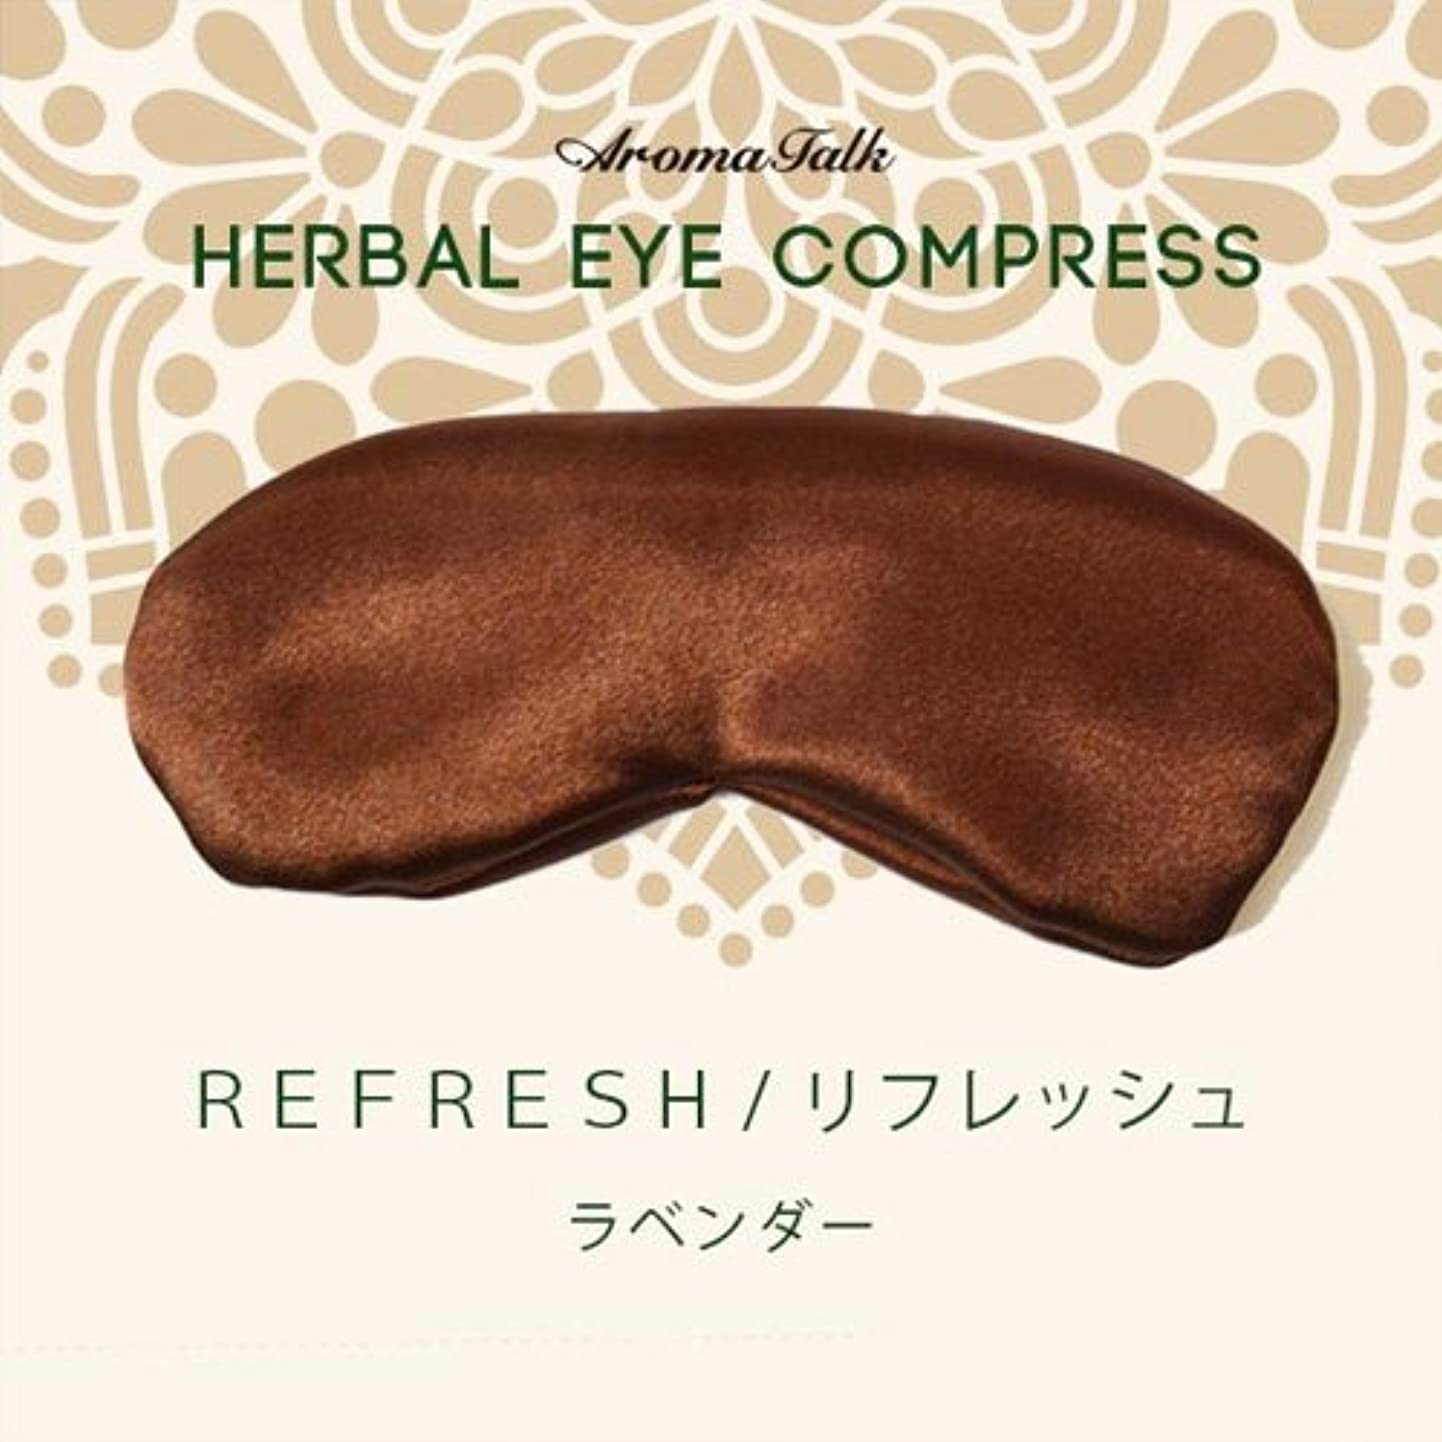 アクセサリーアクティブ逸脱ハーバルアイコンプレス「リフレッシュ」茶/ラベンダーの爽やかなリラックスできる香り